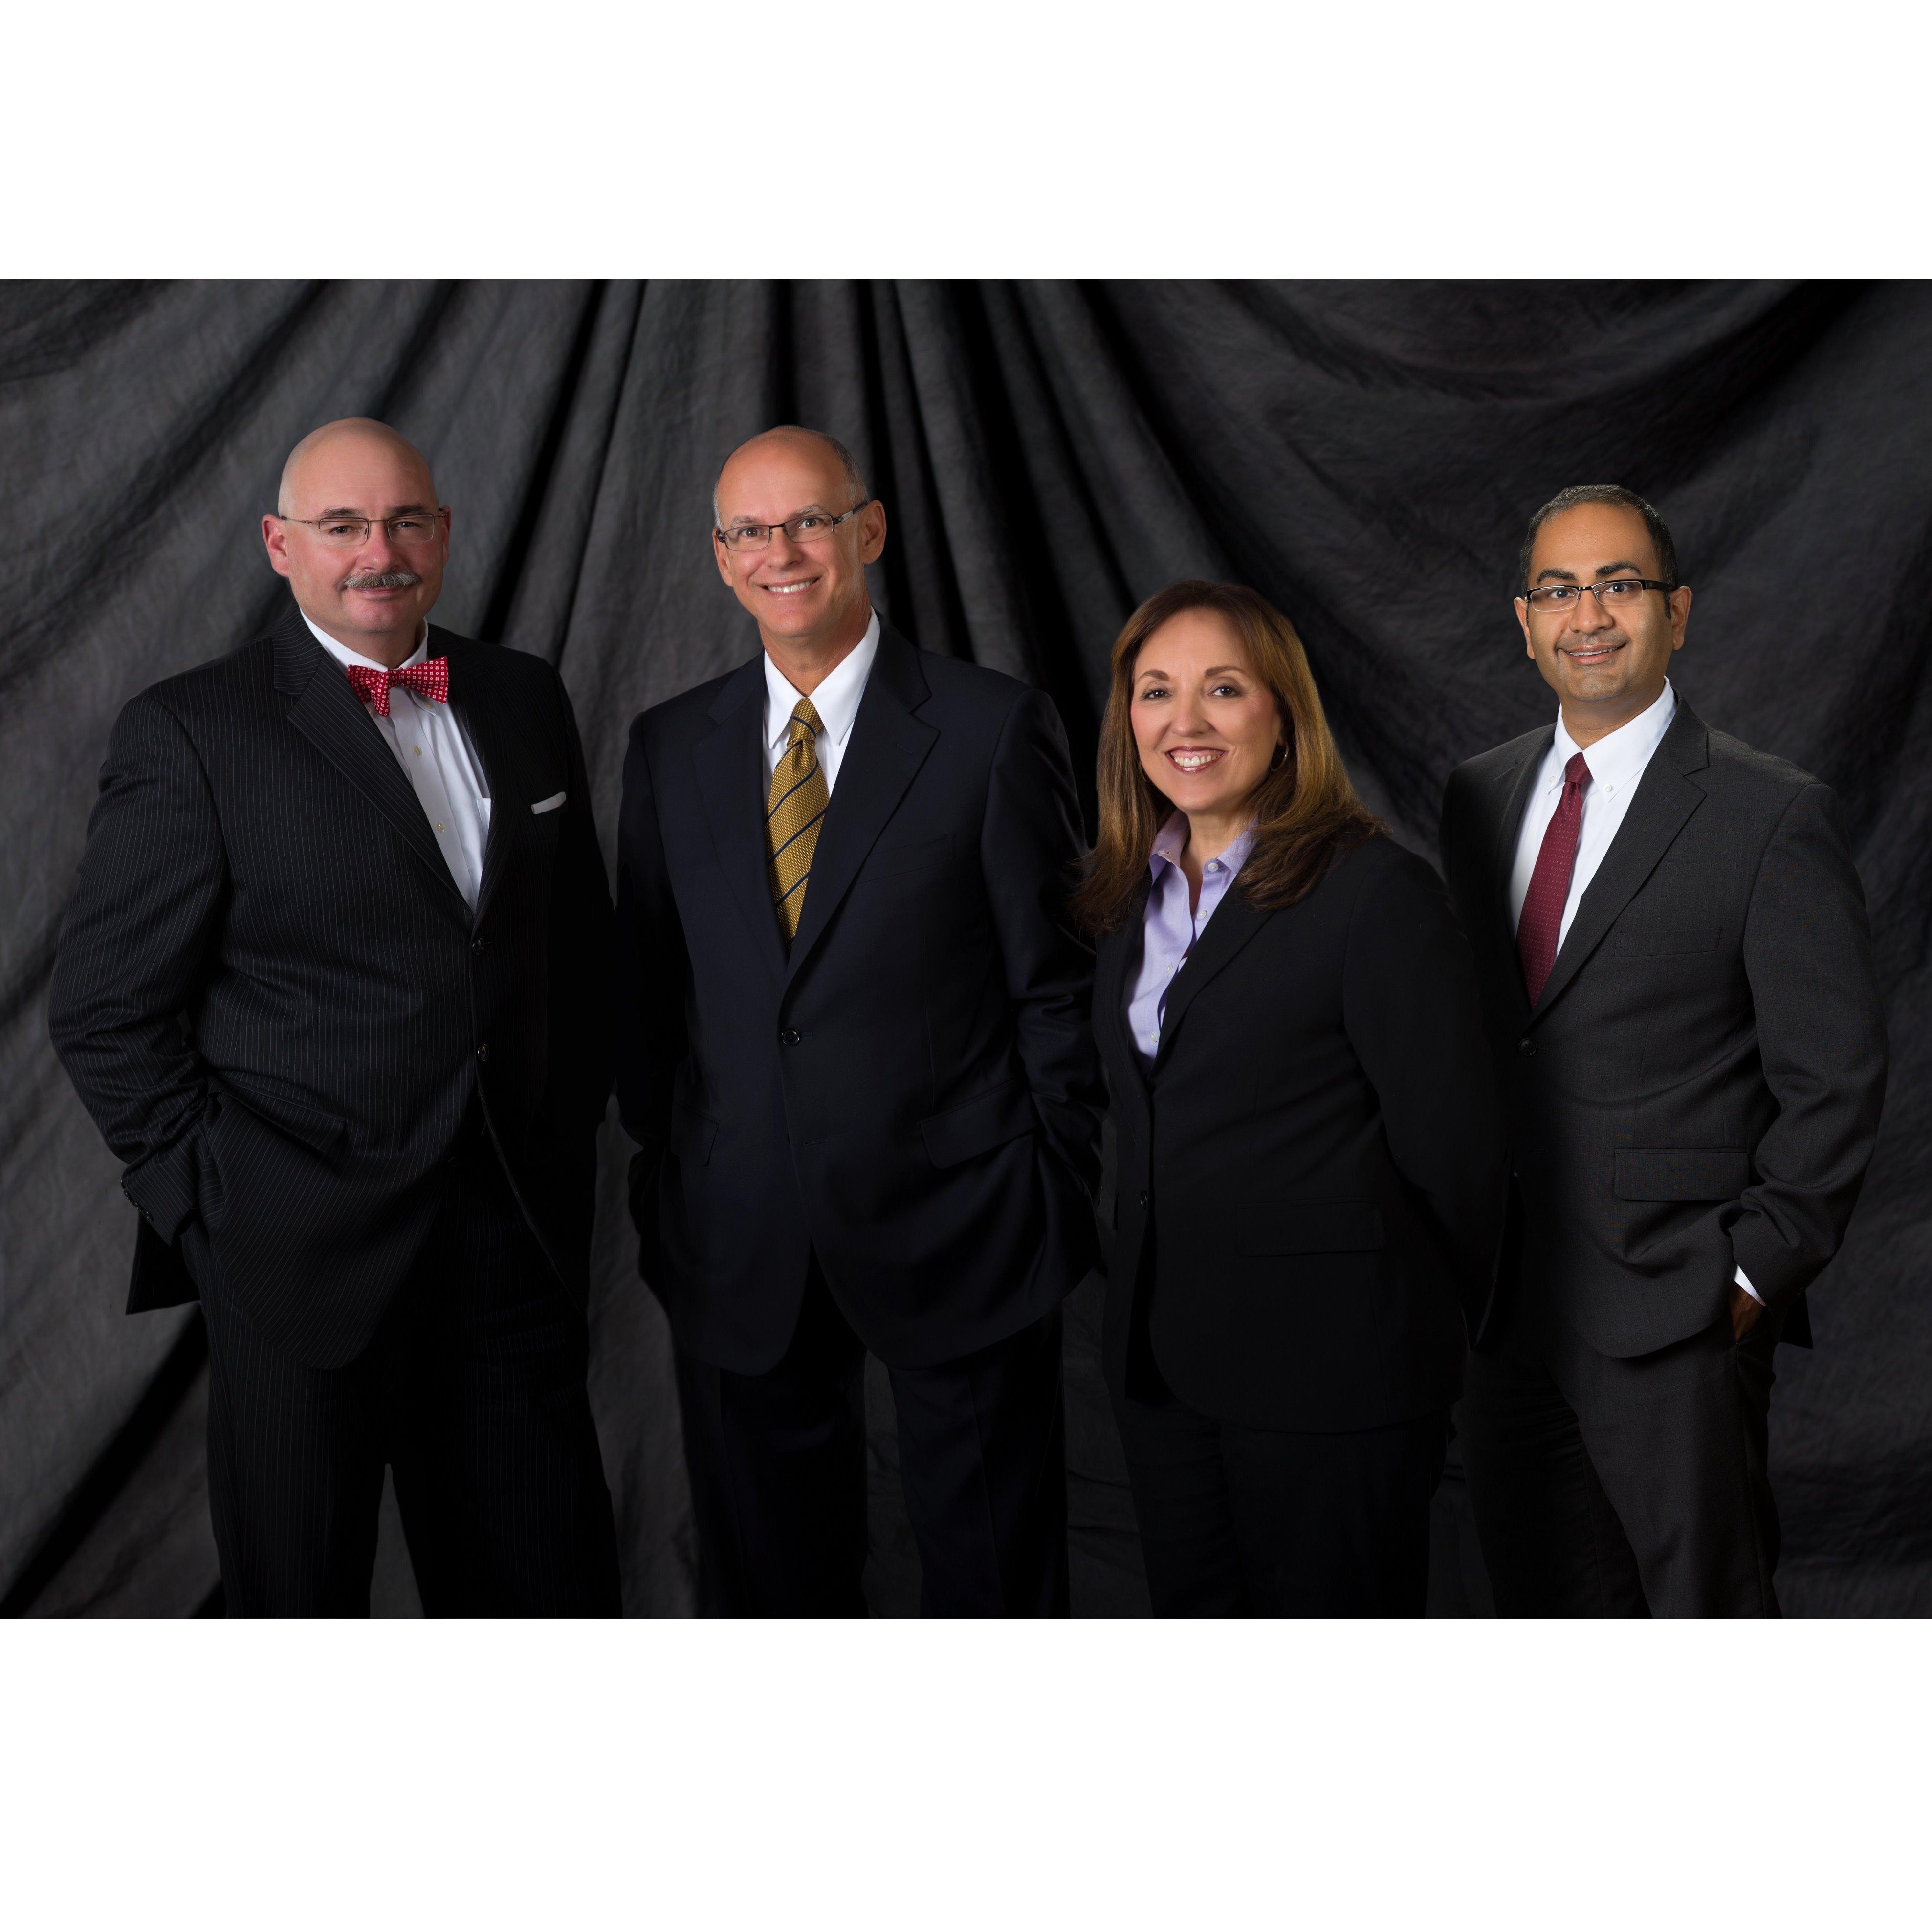 Escobar & Associates, P.A. Attorneys at Law